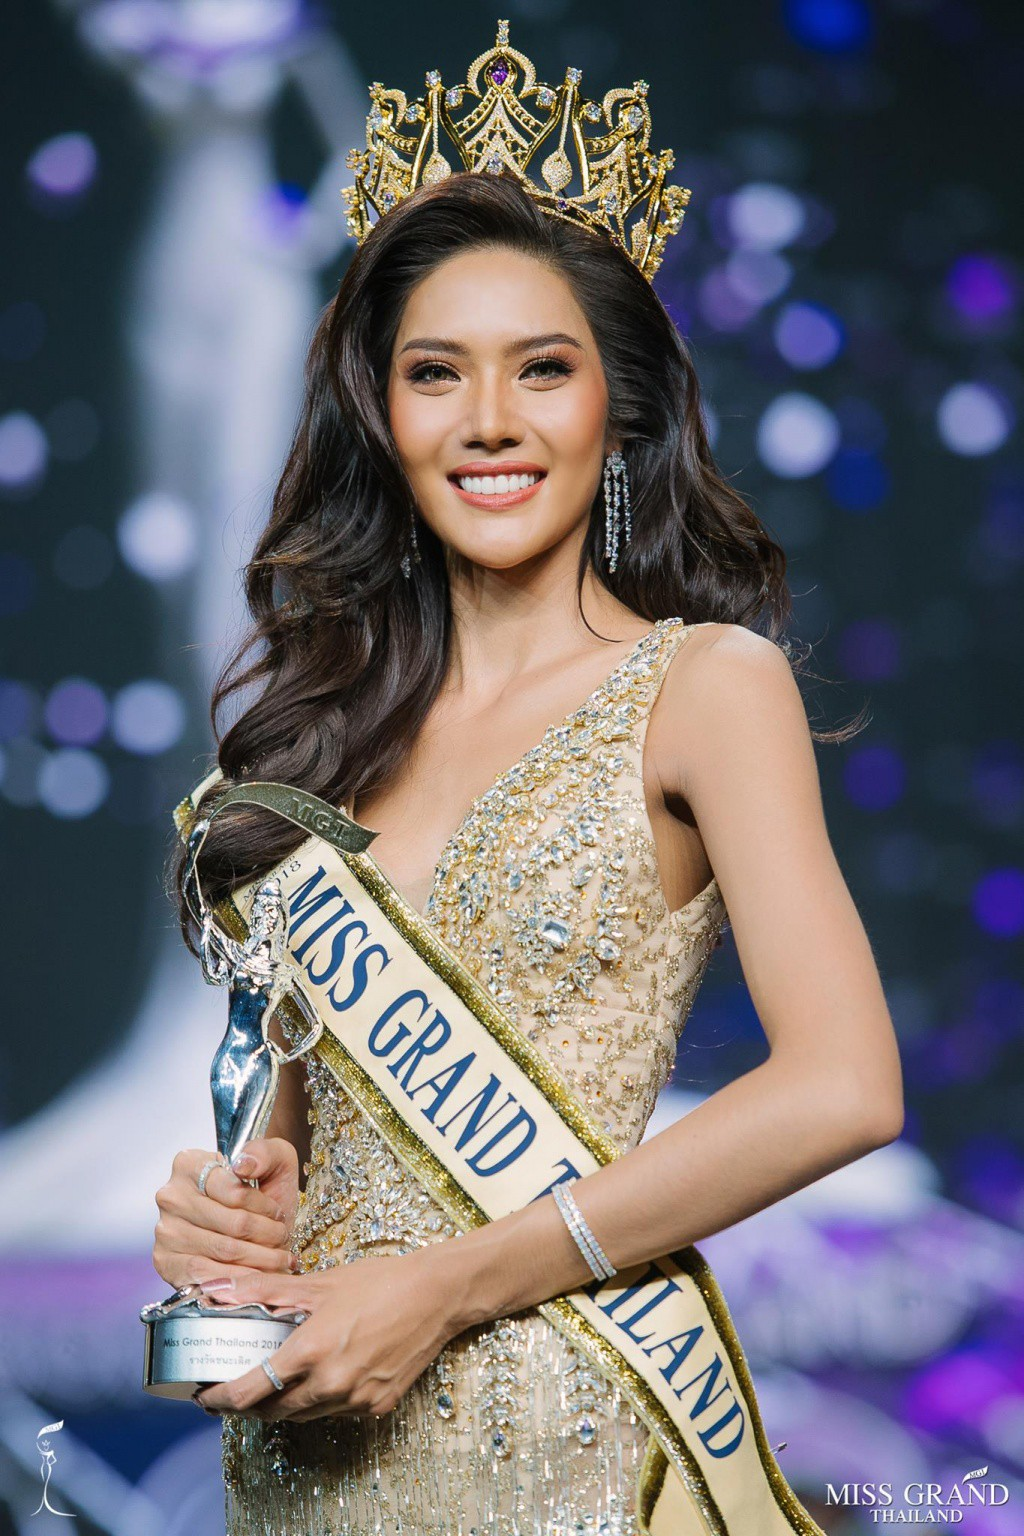 Cảm động hình ảnh Tân Hoa hậu Hòa bình Thái Lan quỳ rạp dưới chân hai